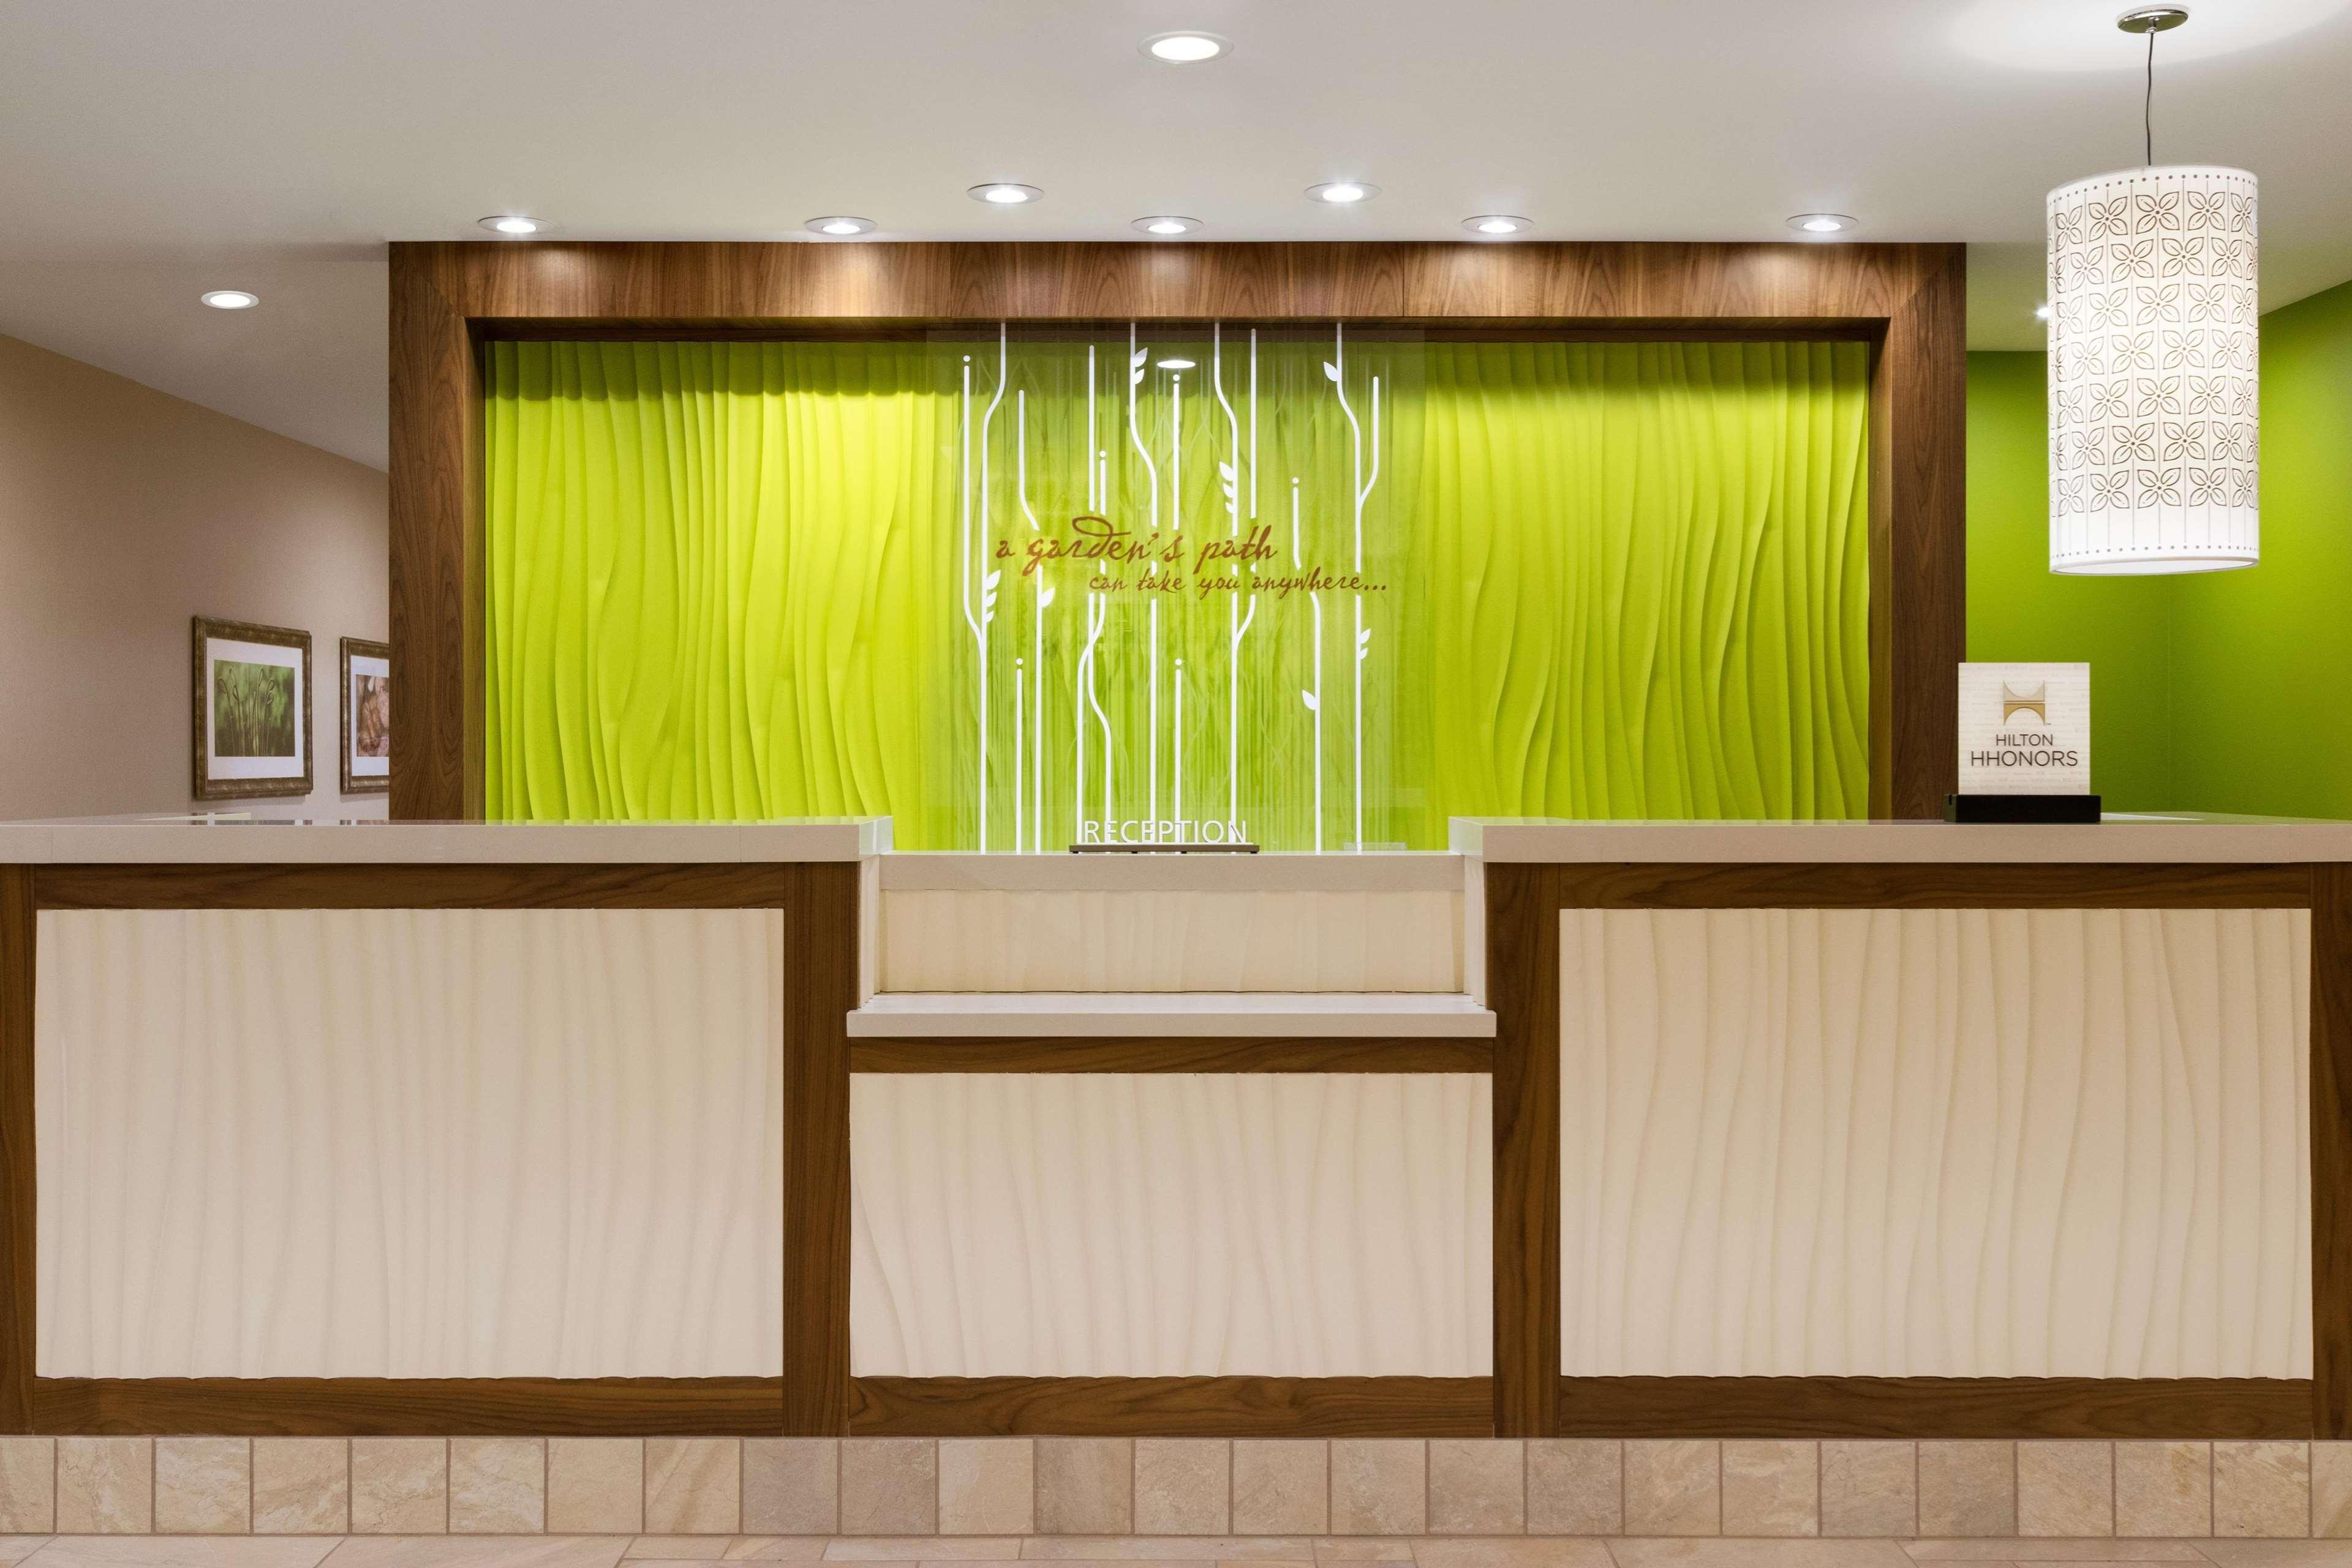 Hilton Garden Inn Medford image 1